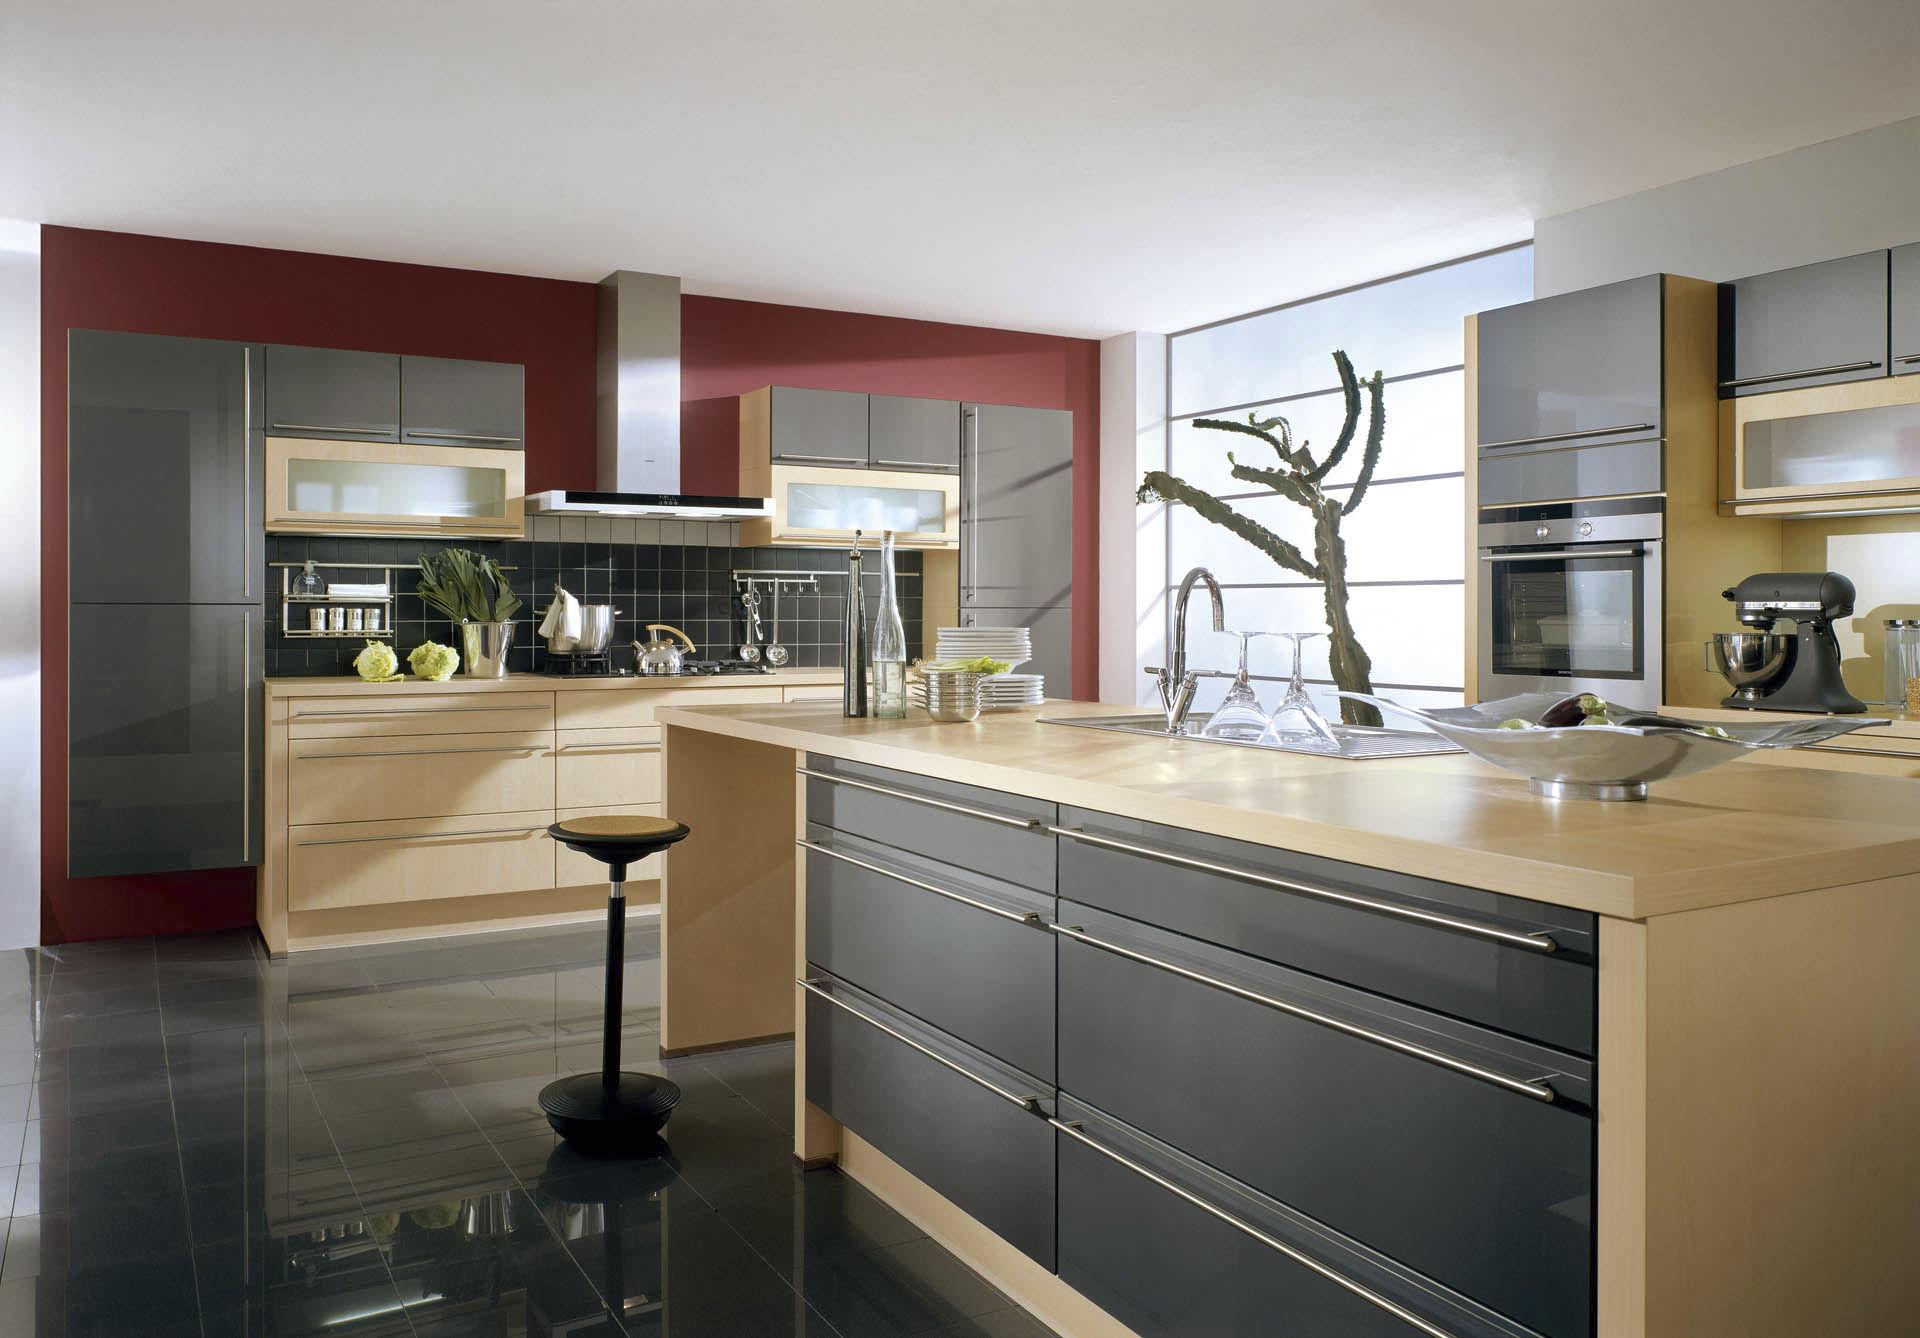 cuisine contemporaine / en bois / laquée - xeno 670 - nobilia